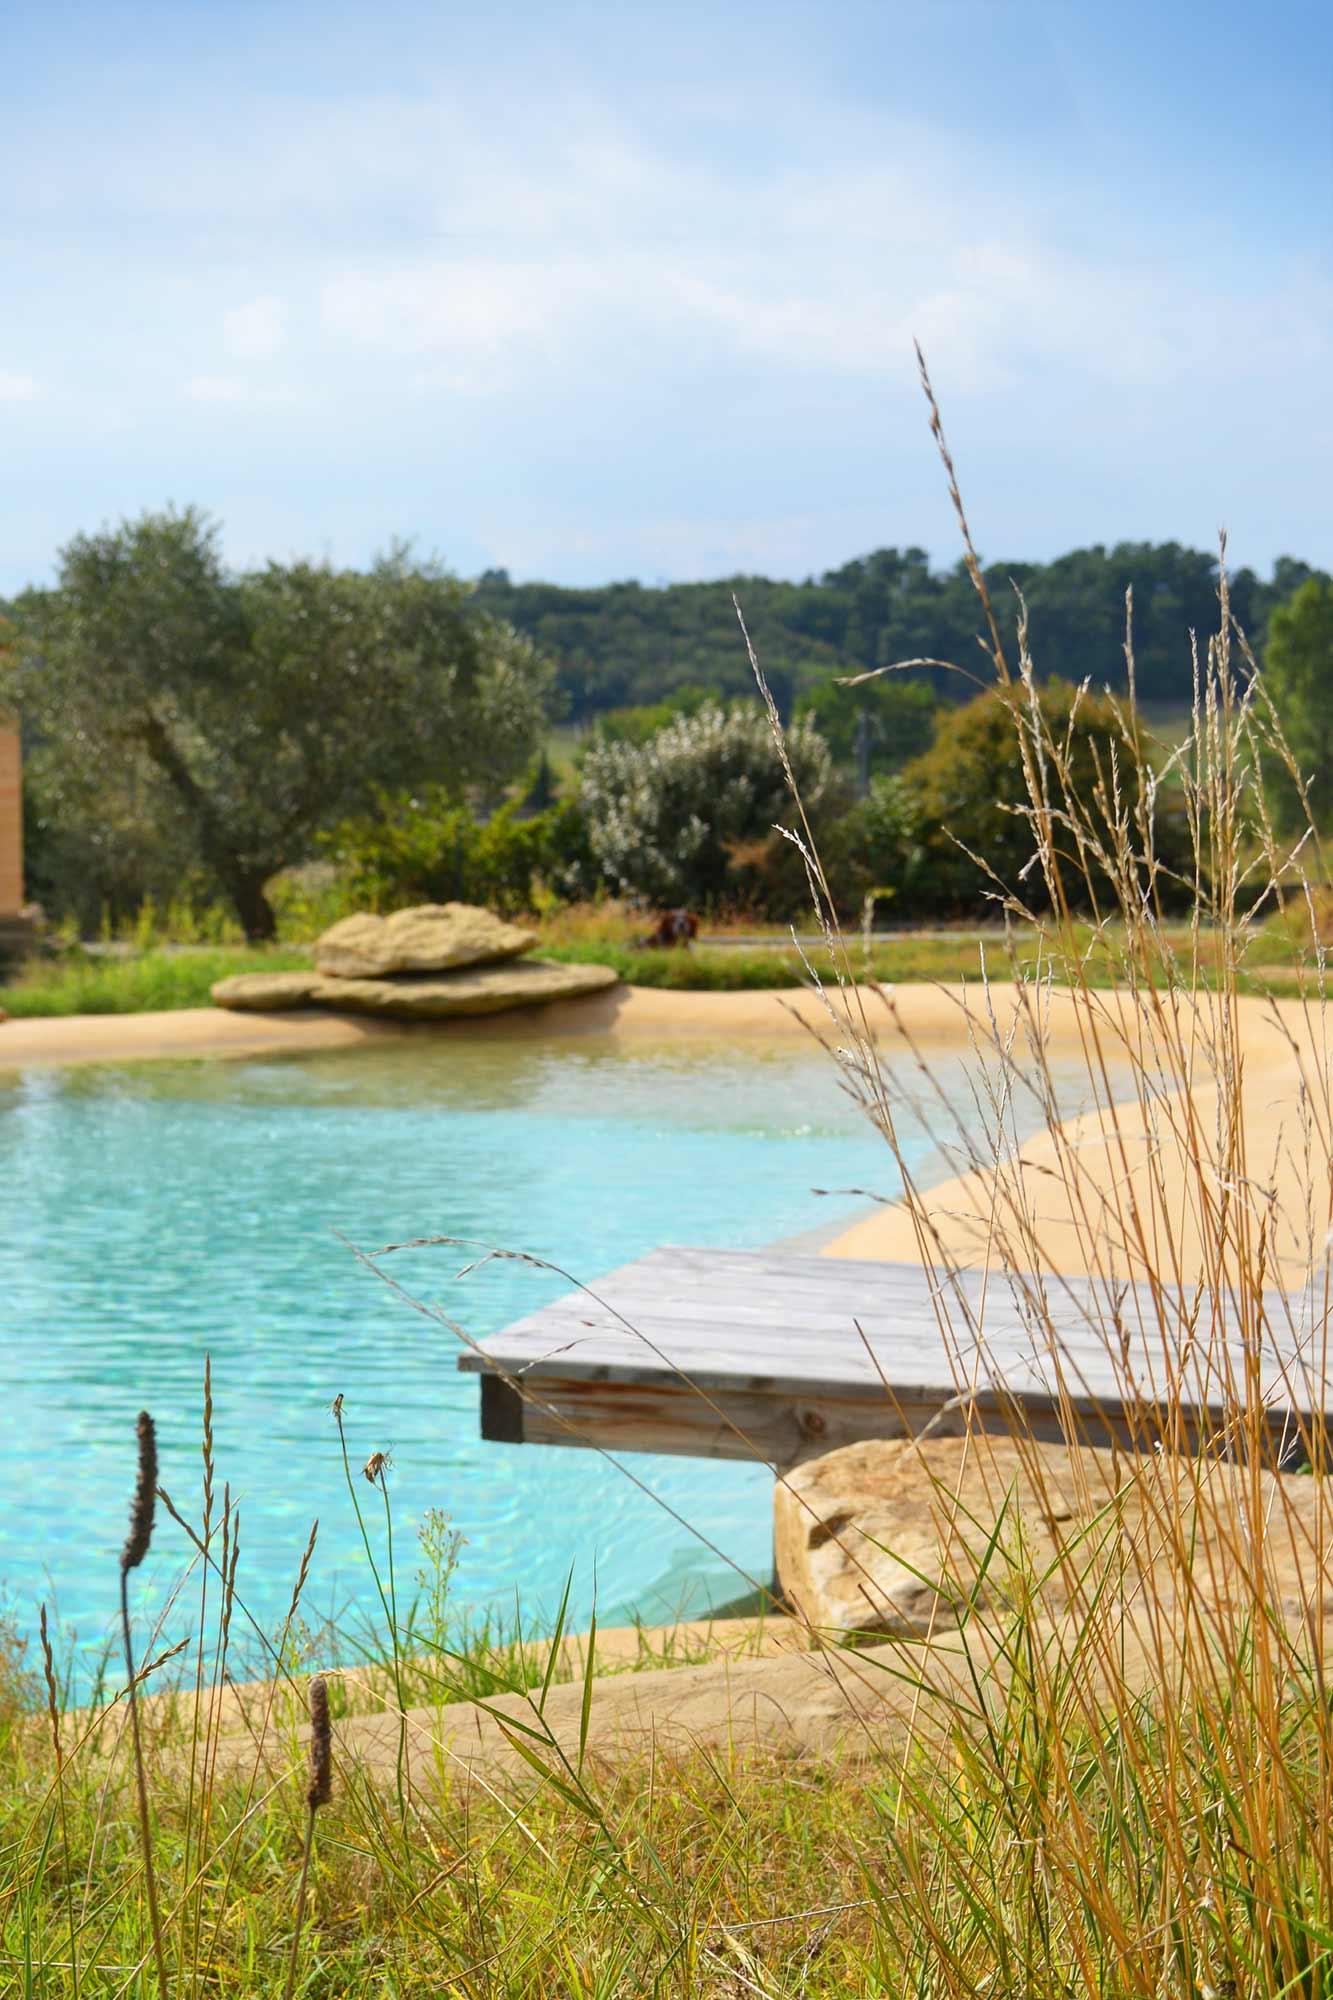 Piscine Naturelle Avec Plage. Lagune. à Piscine Lagon Prix